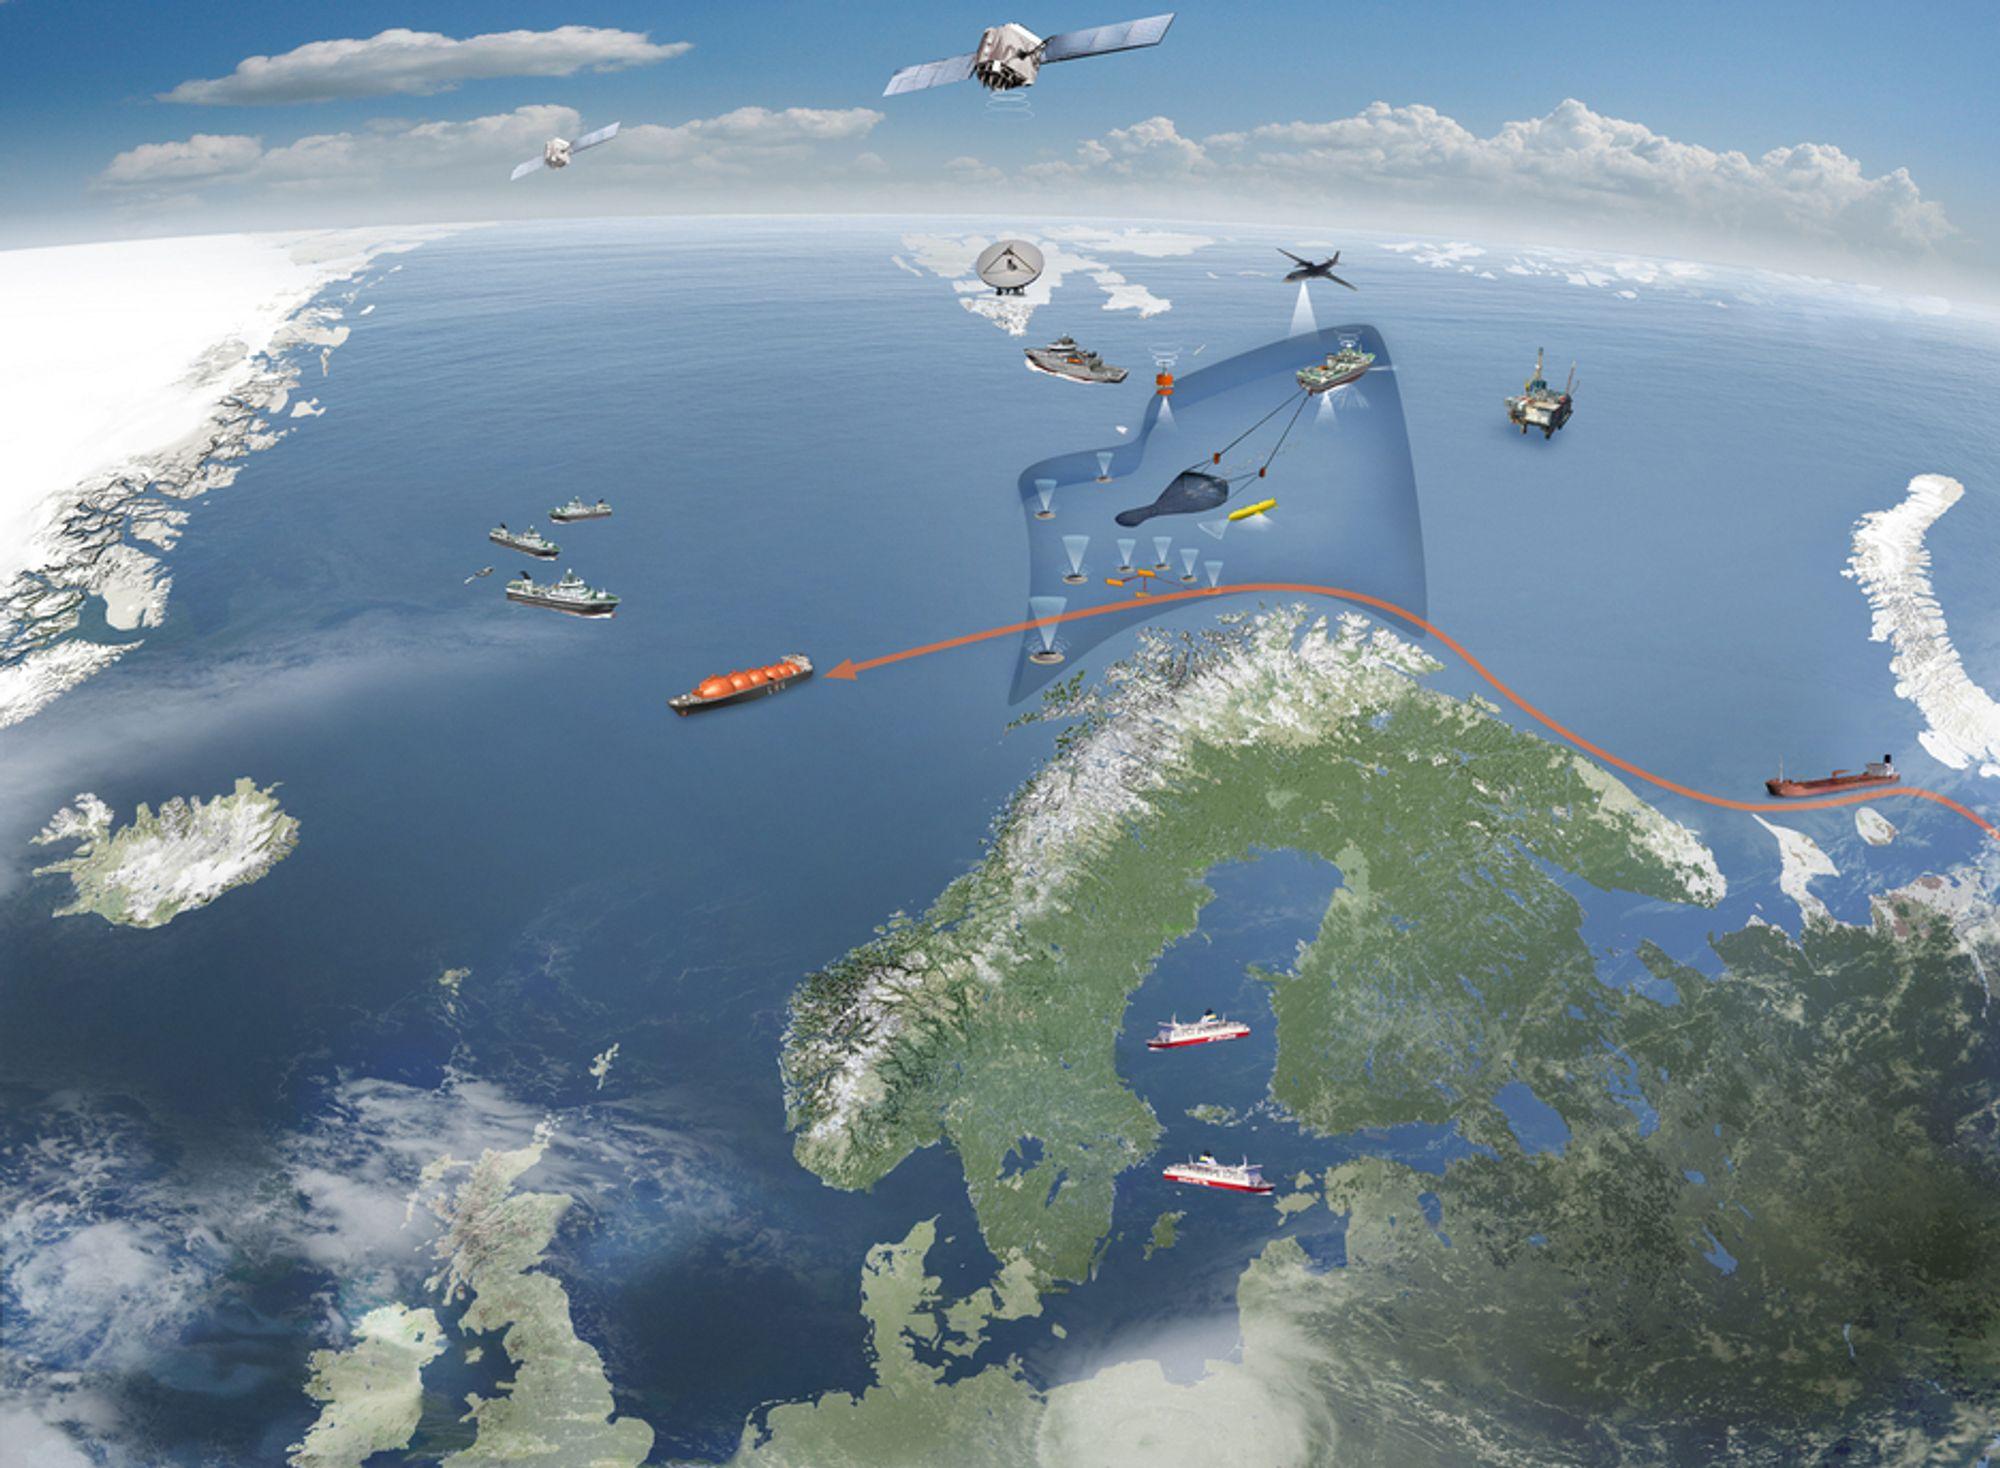 INGEN GJENBRUK: Kystverket deltar i den halvprivate portalen Arctic Web, men kan ikke gjenbruke løsninger derfra i utviklingenb av den nye portalen Barets Watch (som denne illustrasjonen viser datakildene til).